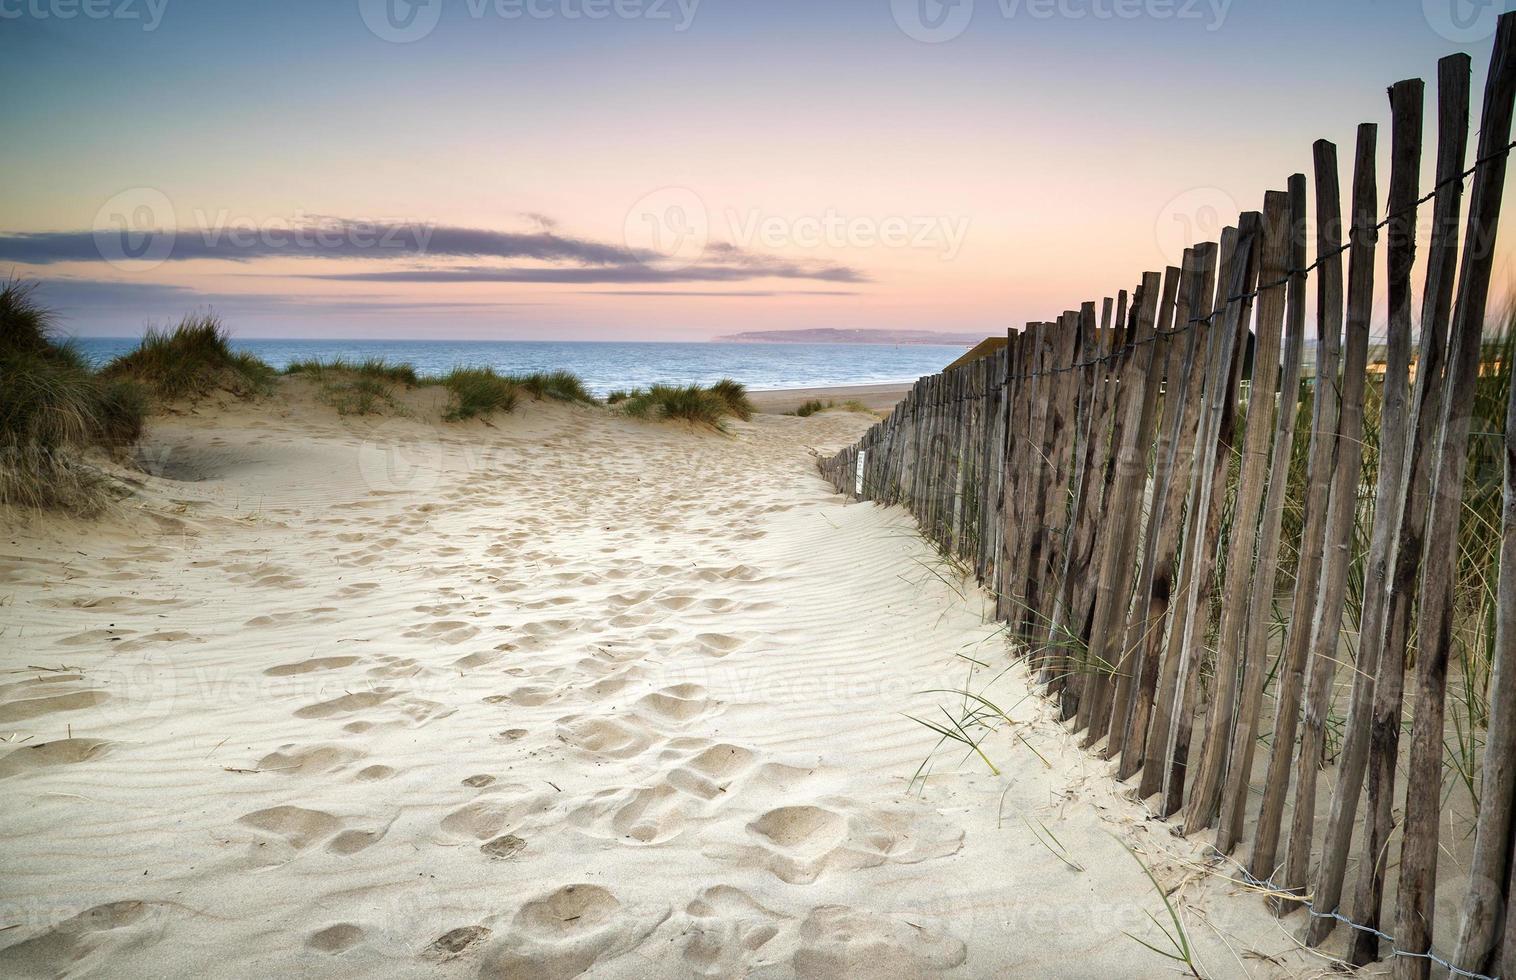 paysage de dunes de sable herbeux au lever du soleil photo